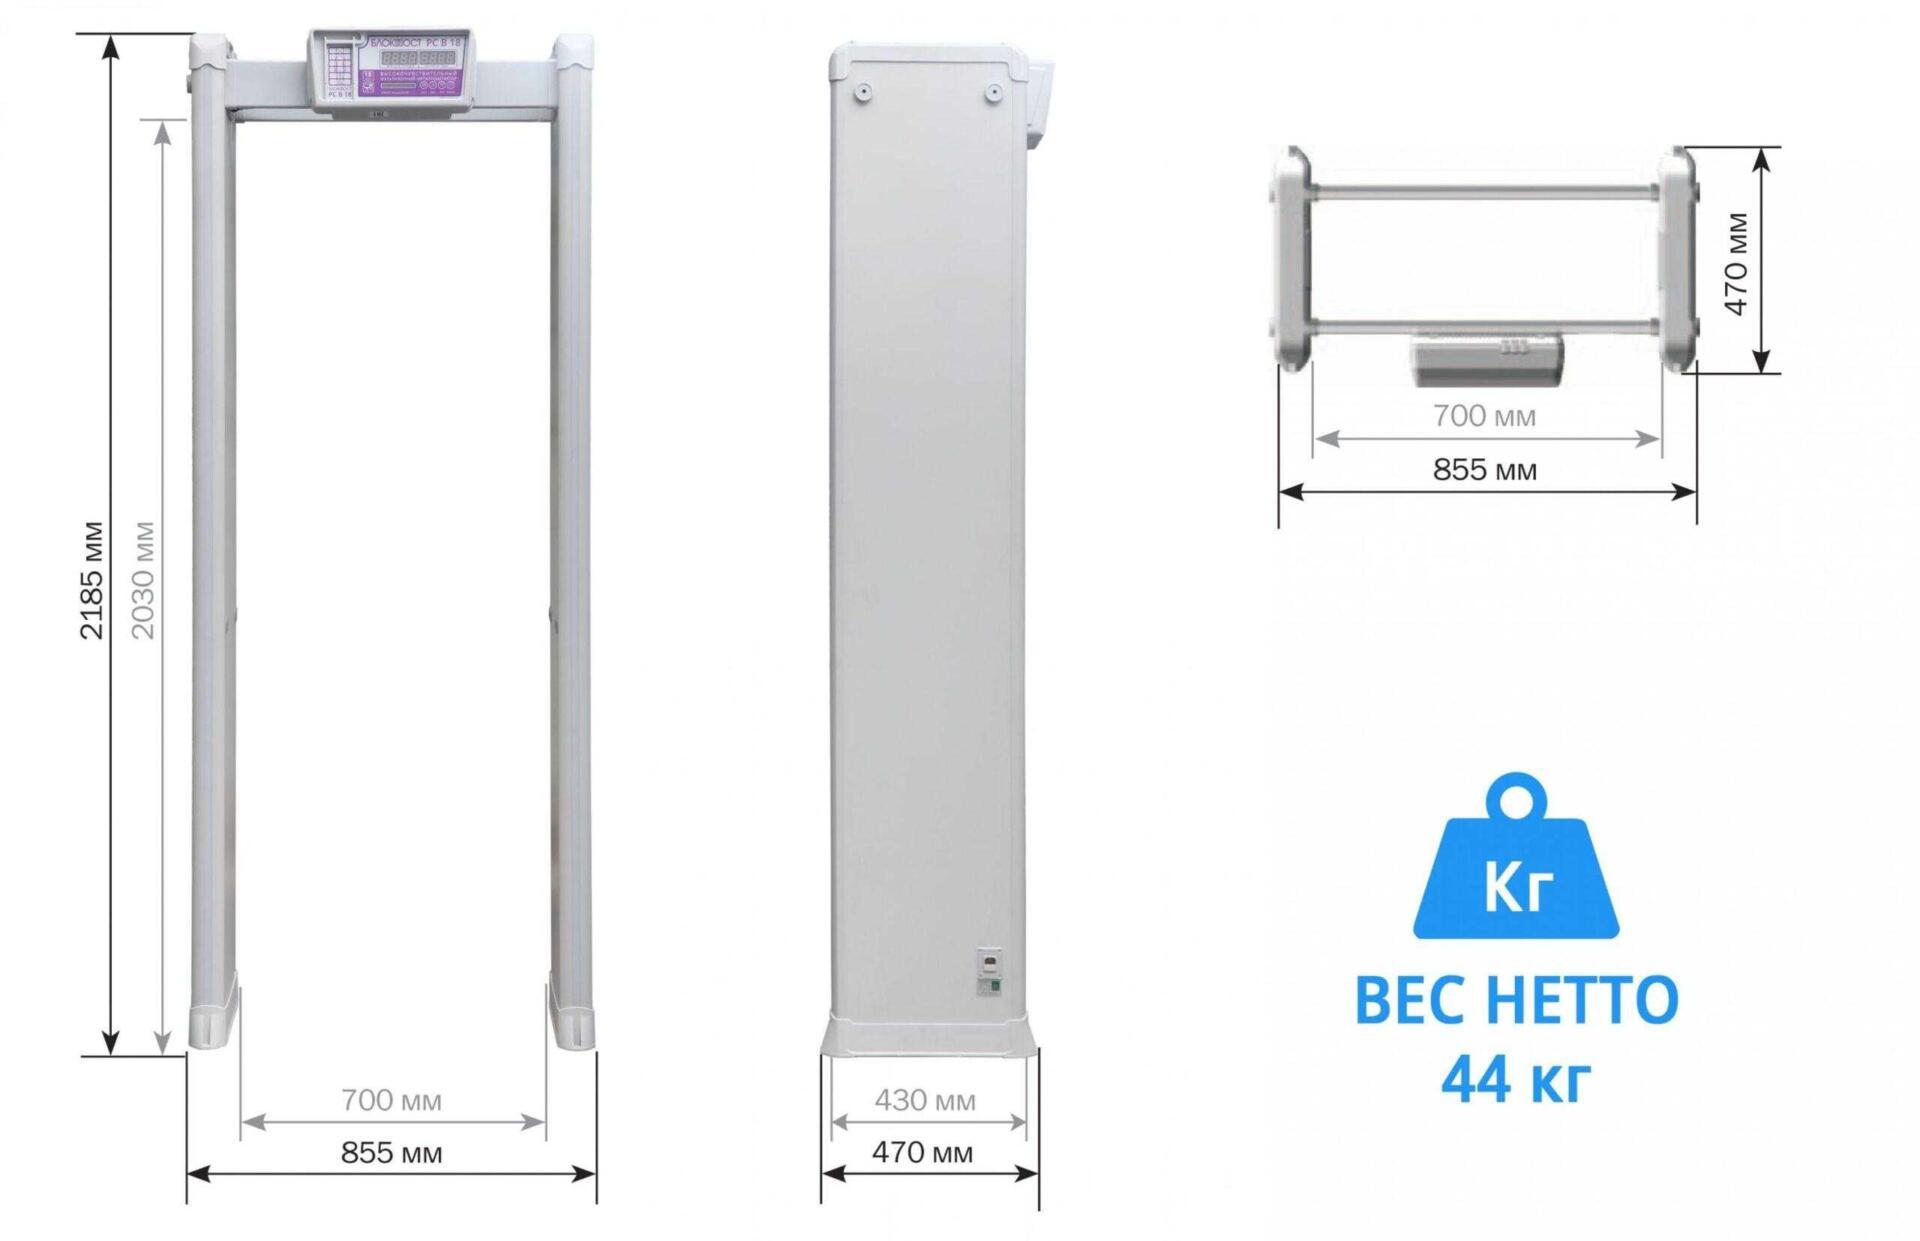 Blokpost-PCB18-shema-2000-end.jpg